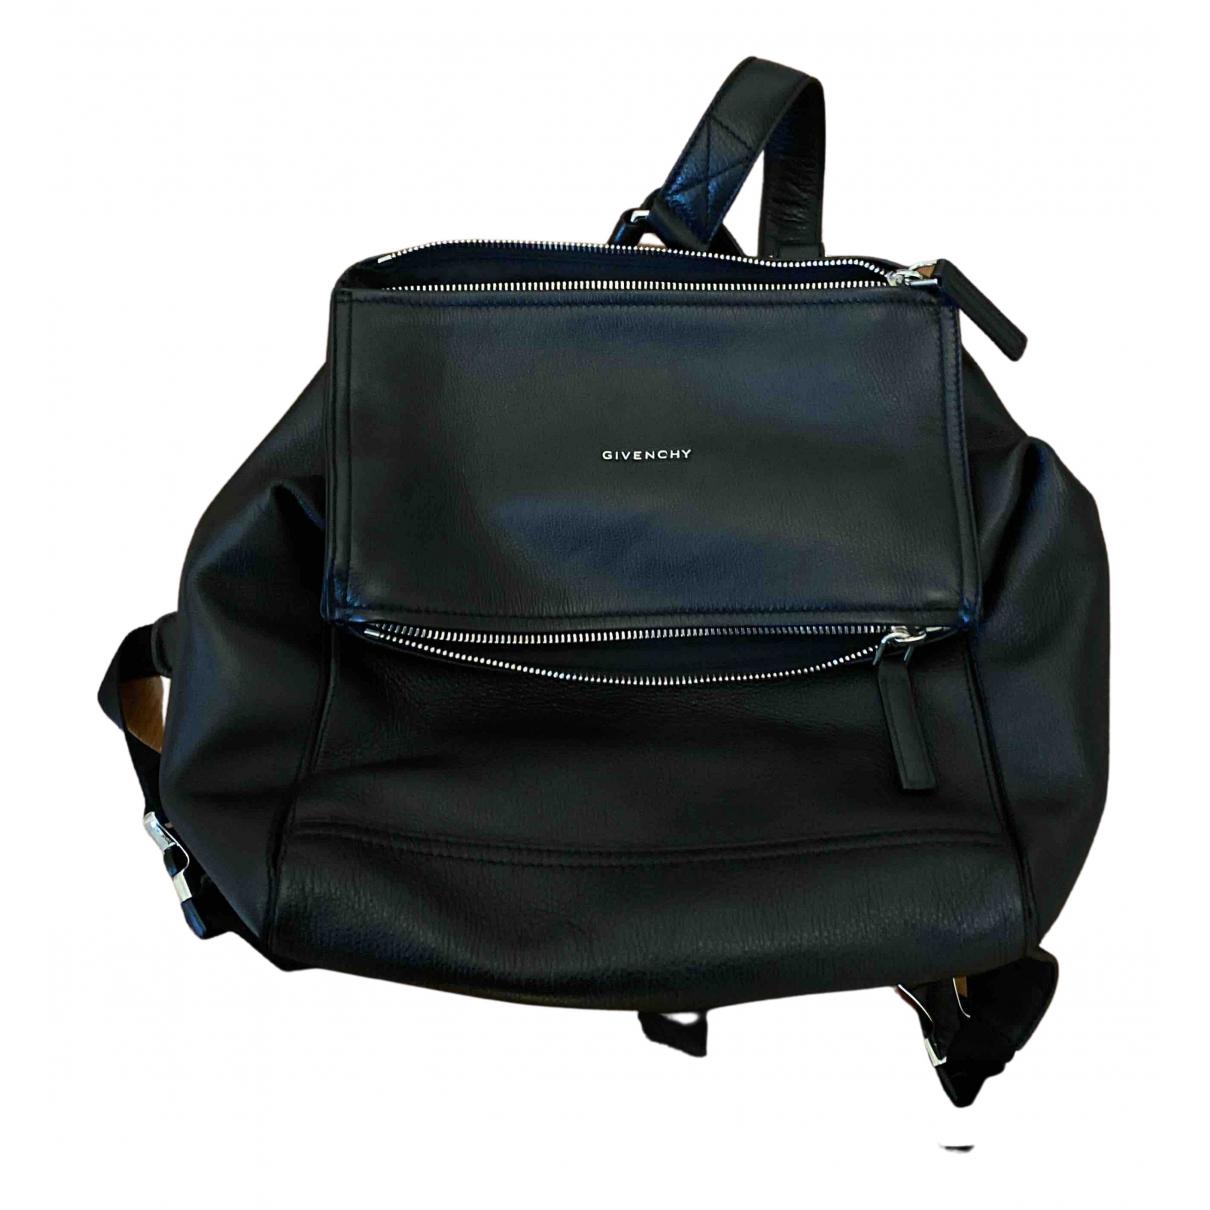 Givenchy - Sac a dos Pandora pour femme en cuir - marron